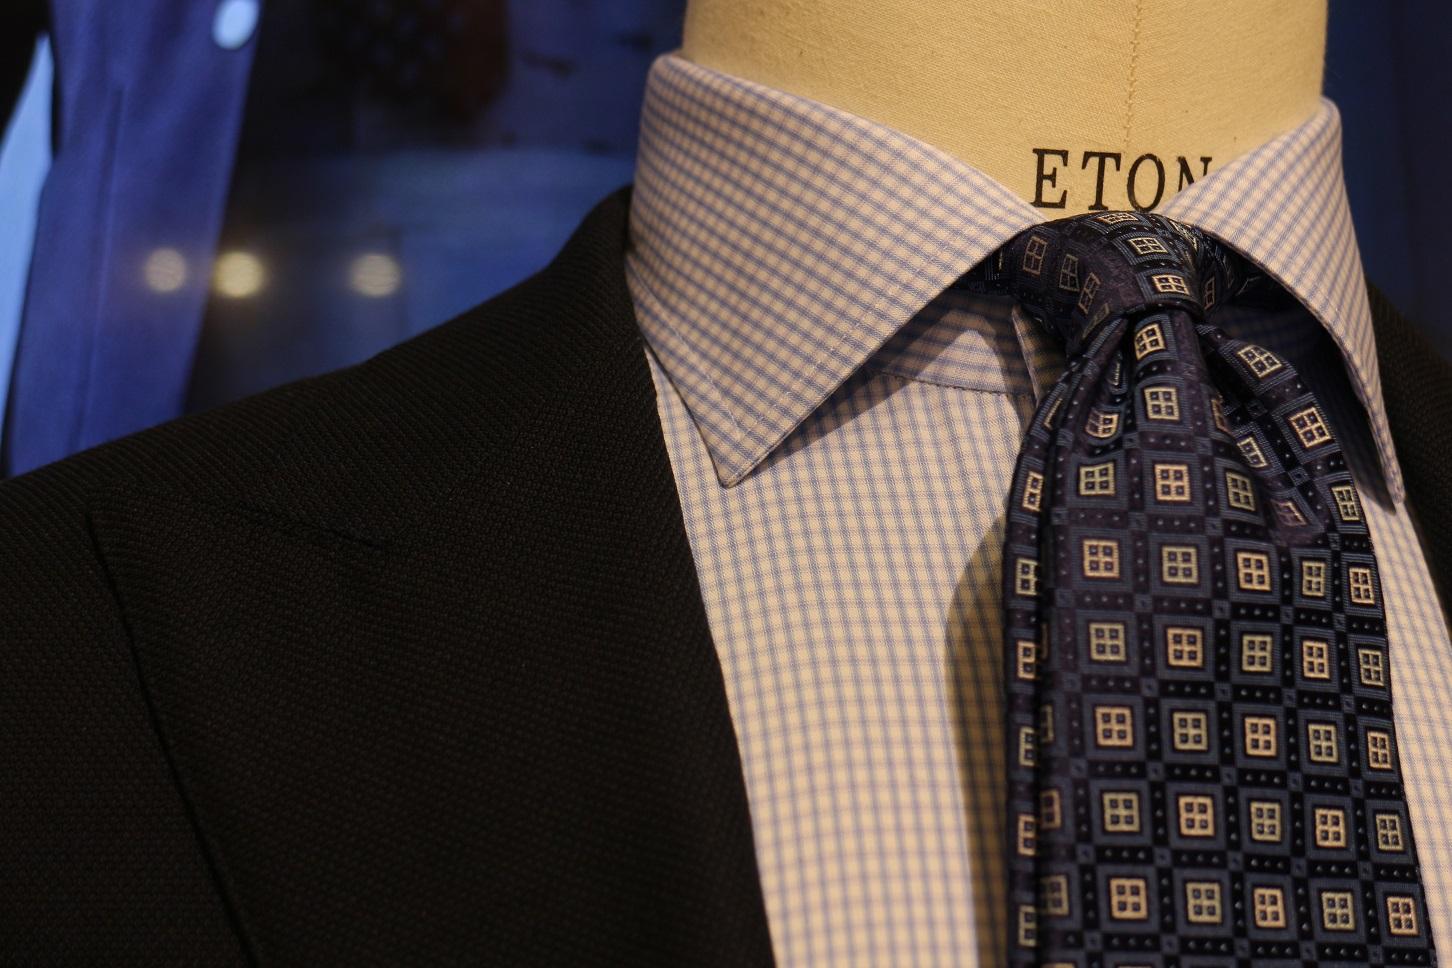 Camisa feita de Tencel, uma fibra resistente e transpirável, extraída da celulose do eucalipto (Foto: Janaina Cesar)